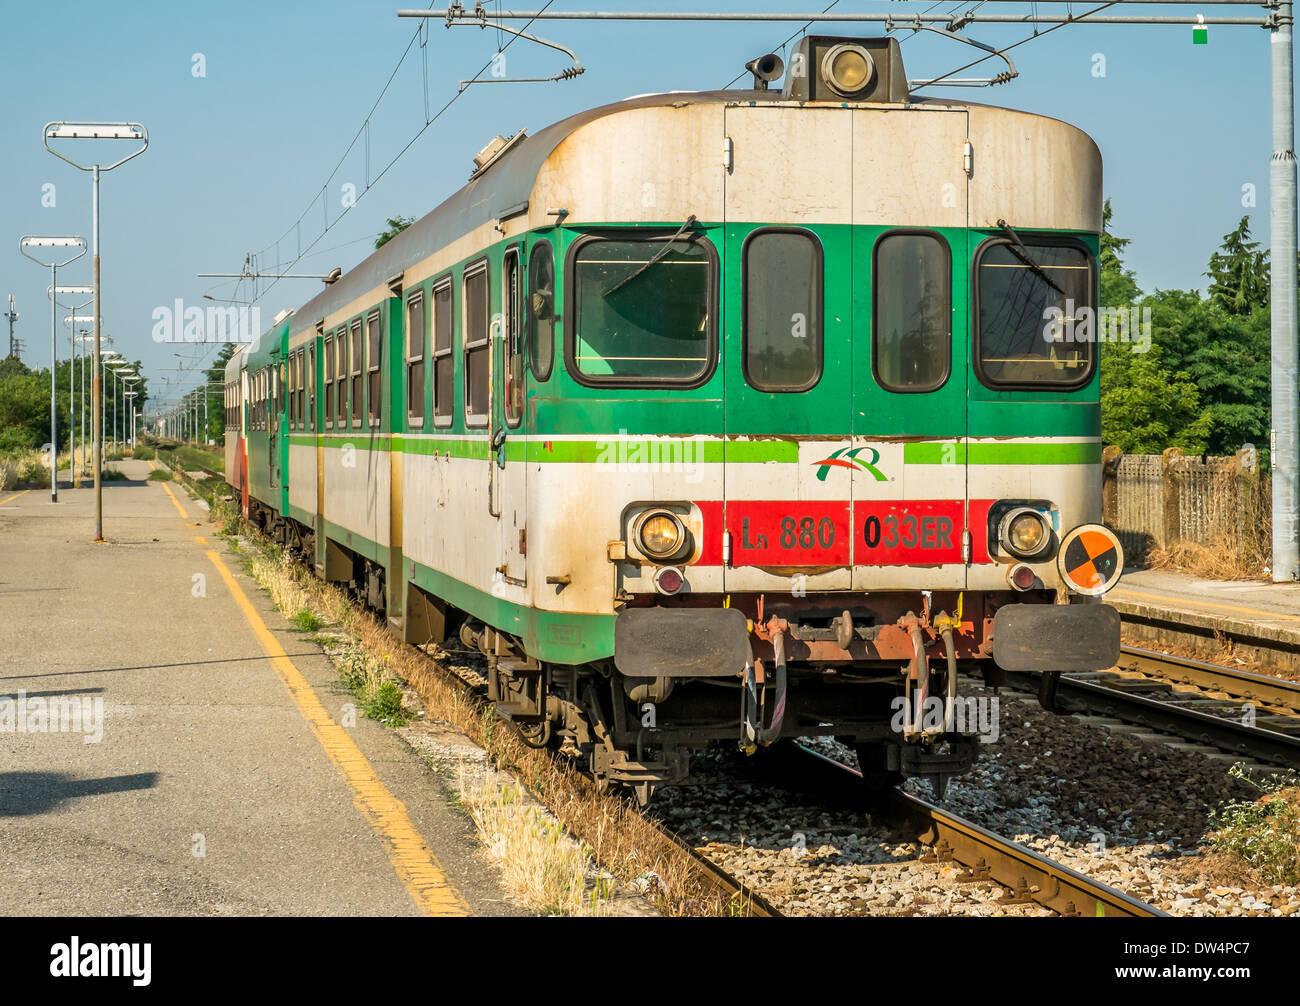 Regionalzug Treno Regionale) in die Plattform in Collecchio Bahnhof in Emilia-Romagna, Italien Stockbild